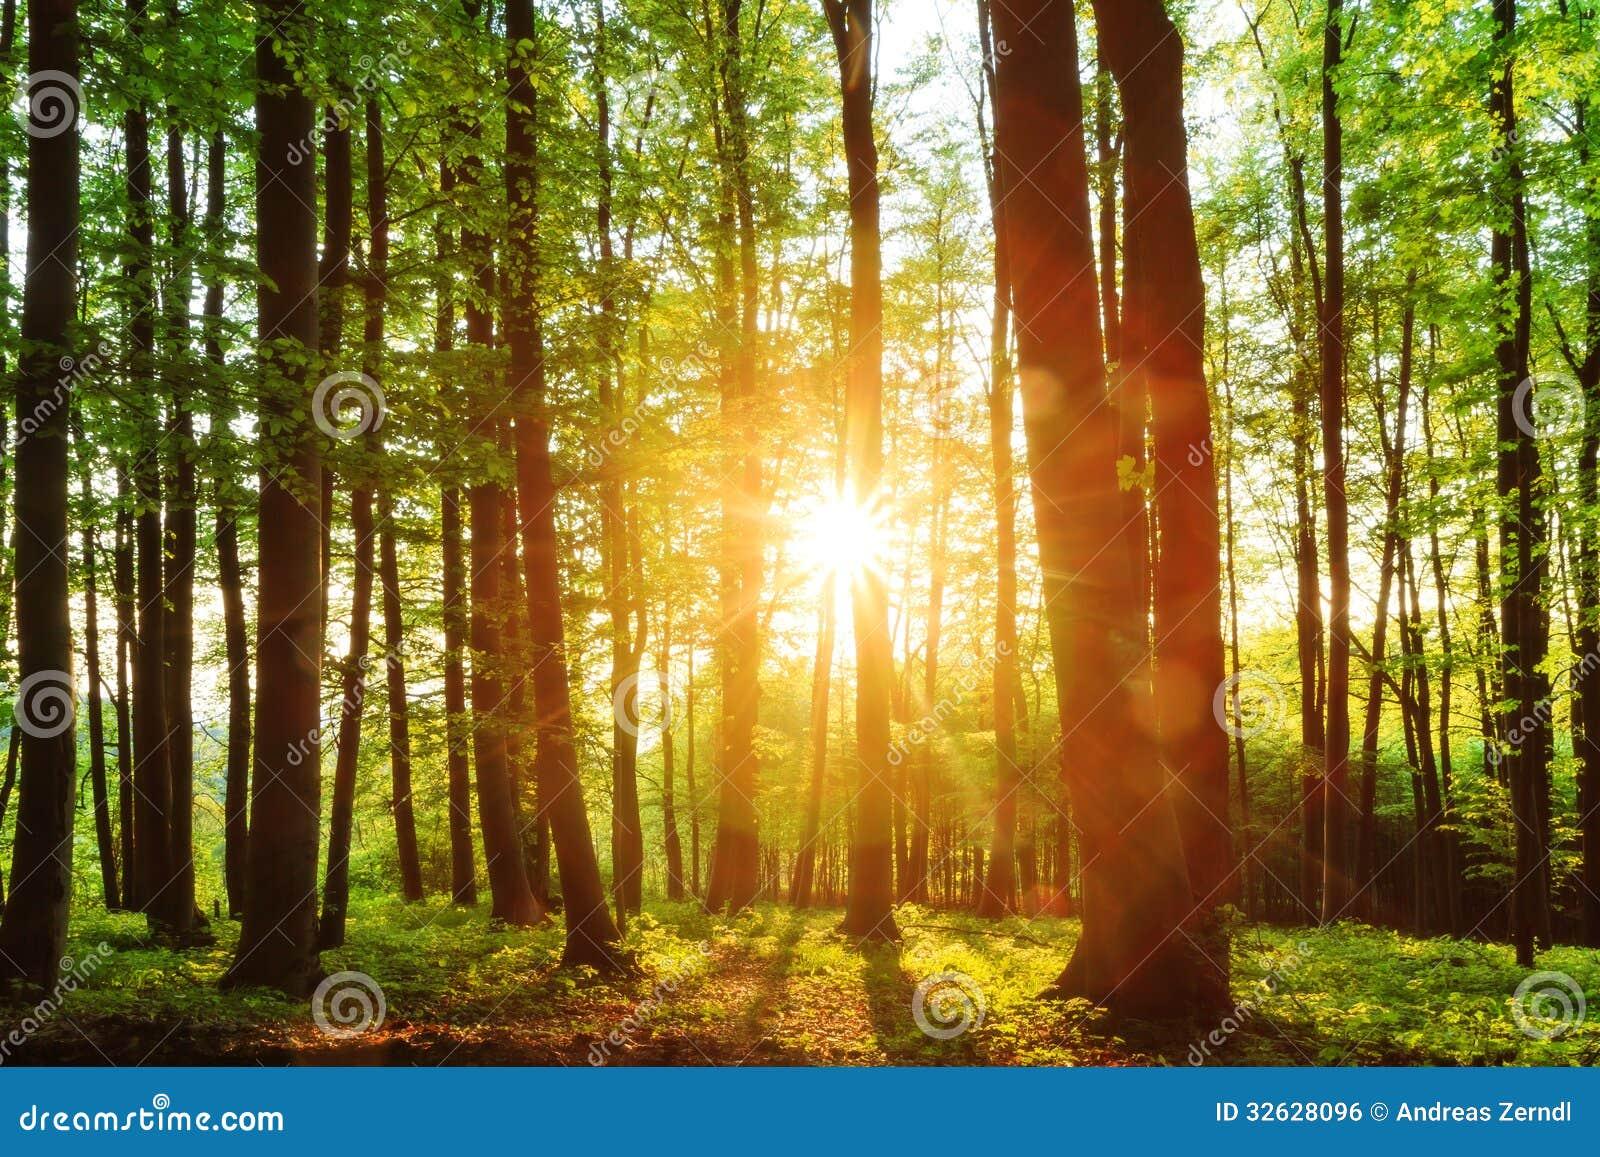 Lovely Forest Sunset